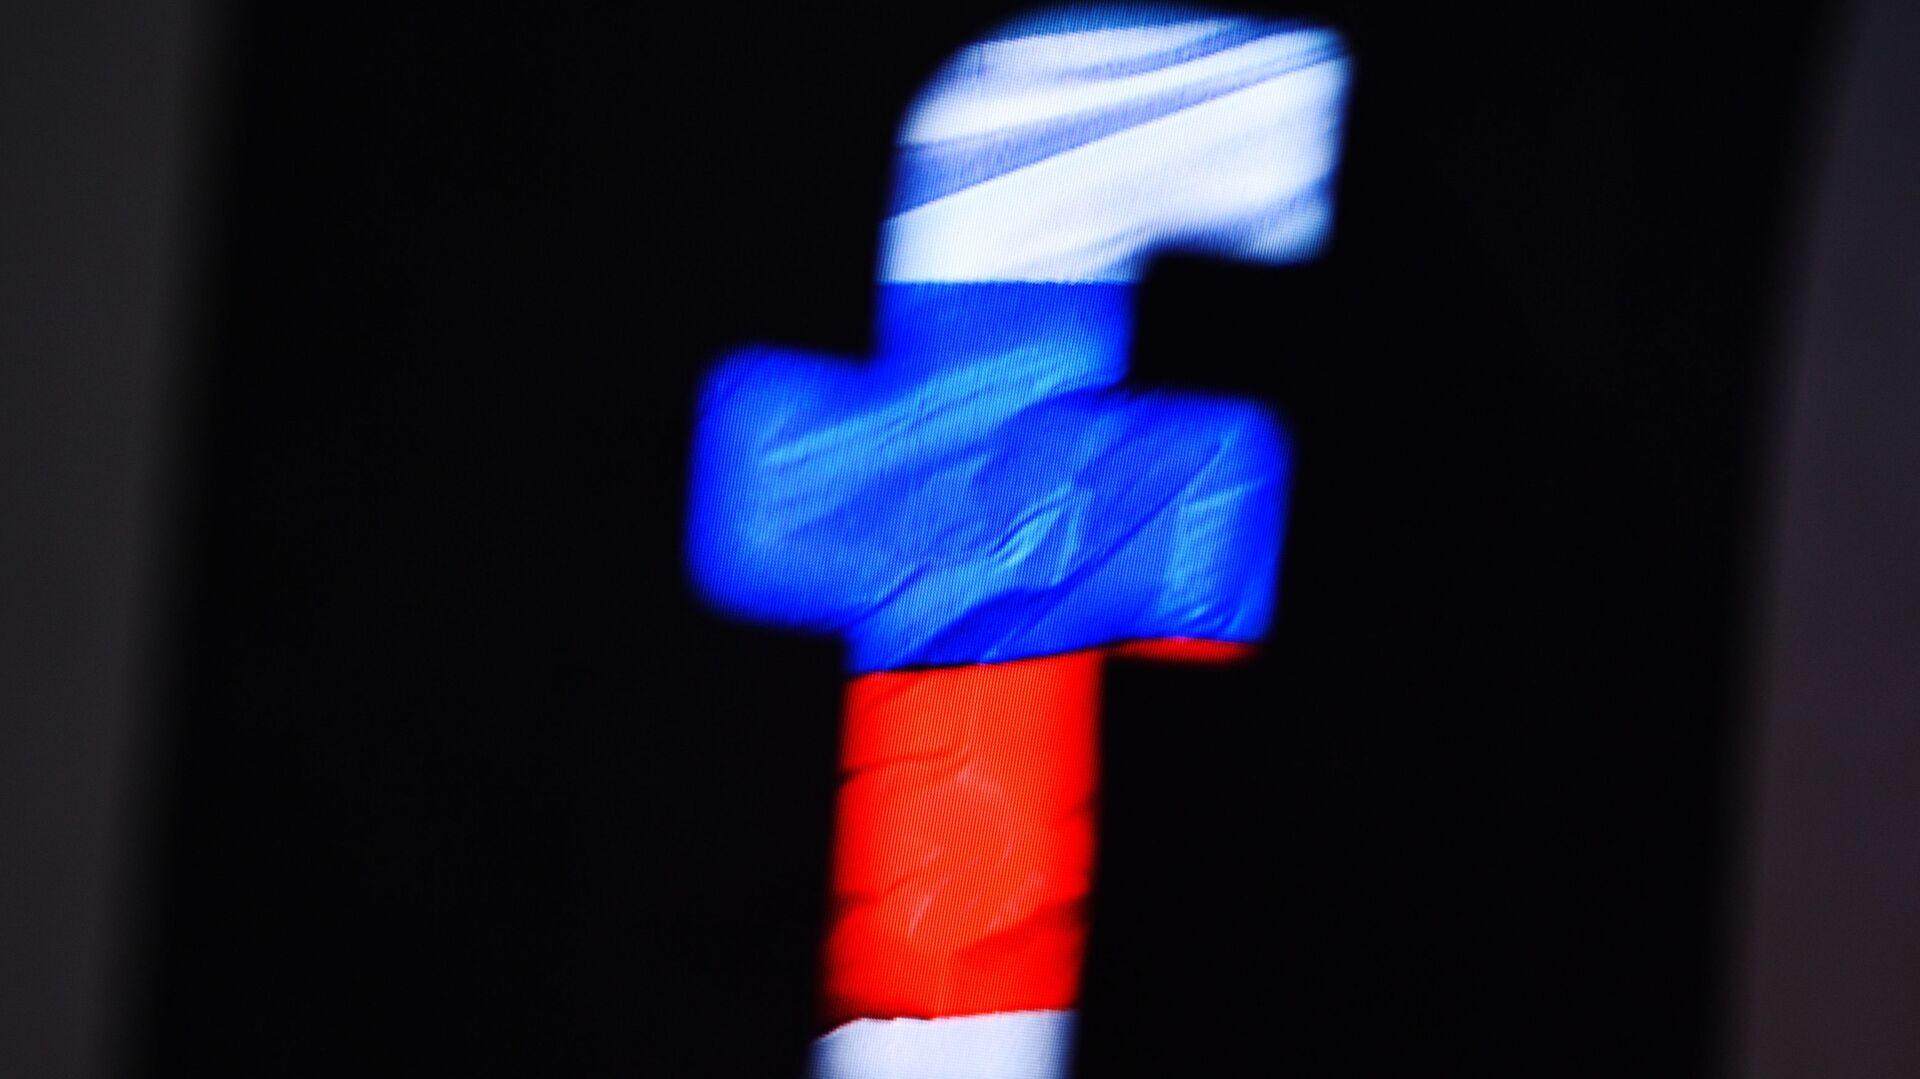 El logo de Facebook con colores de la bandera rusa - Sputnik Mundo, 1920, 25.05.2021